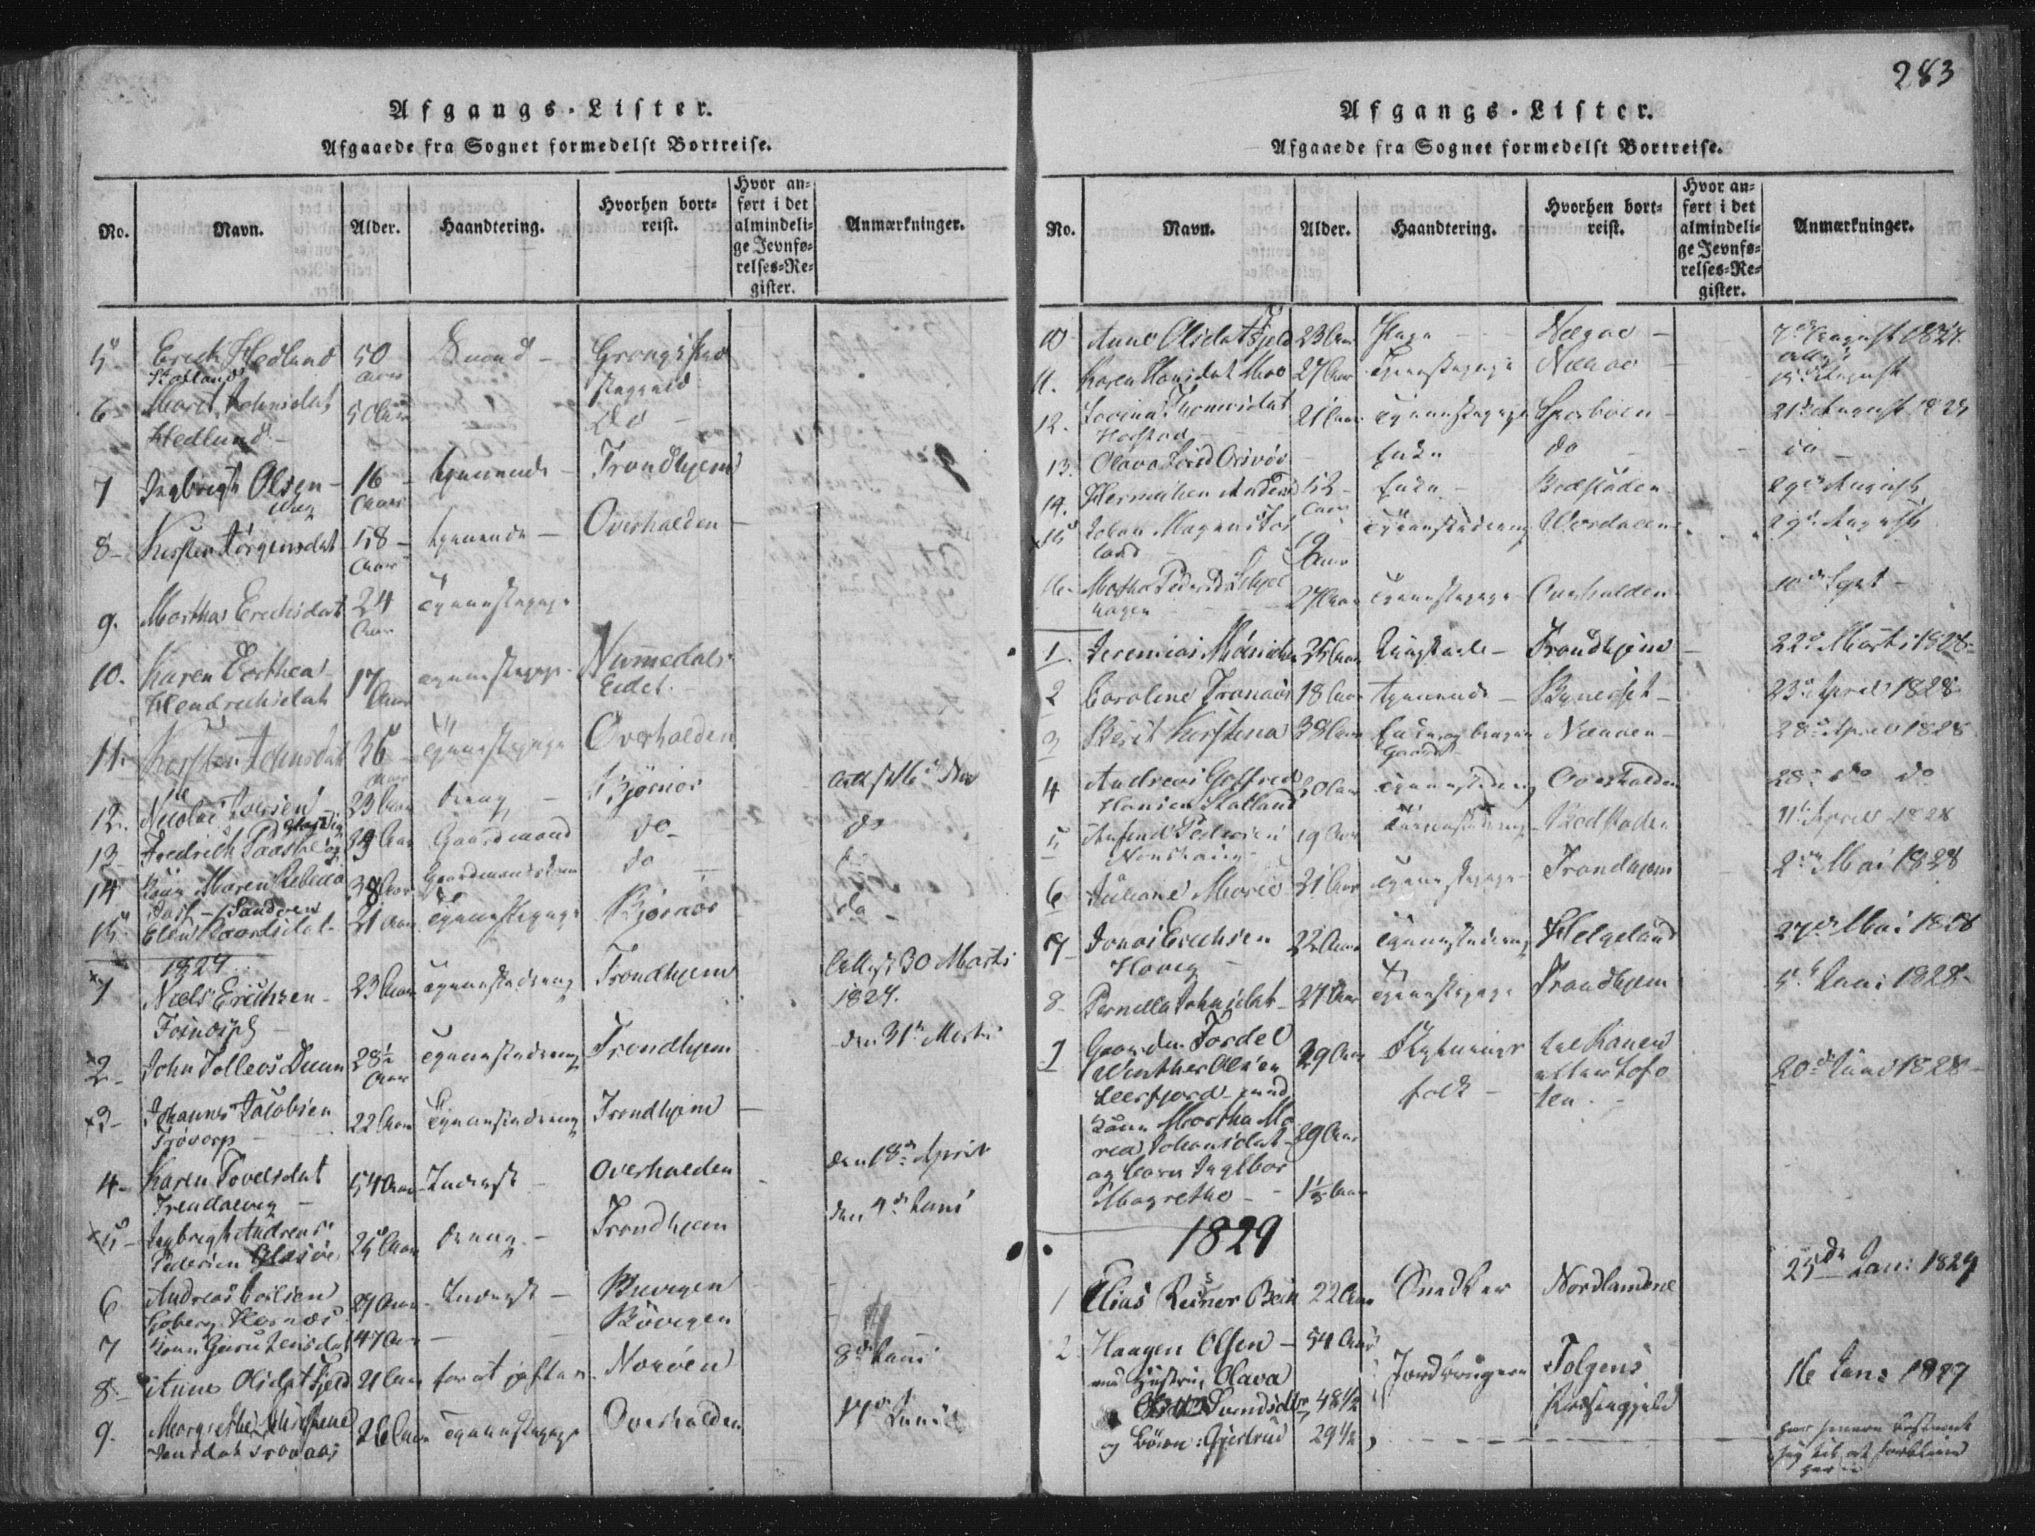 SAT, Ministerialprotokoller, klokkerbøker og fødselsregistre - Nord-Trøndelag, 773/L0609: Ministerialbok nr. 773A03 /1, 1815-1830, s. 283